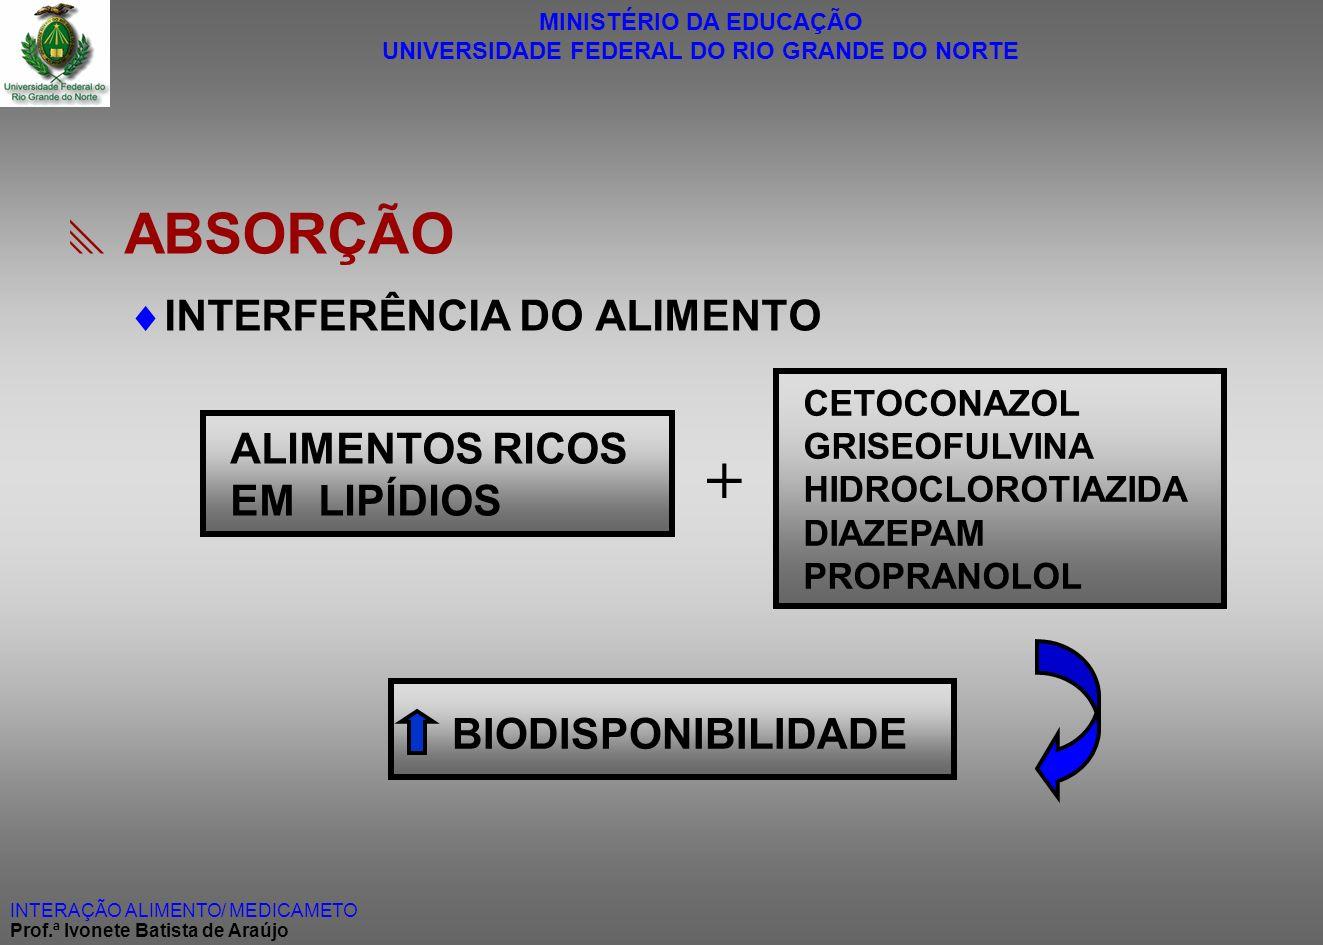 +  ABSORÇÃO INTERFERÊNCIA DO ALIMENTO ALIMENTOS RICOS EM LIPÍDIOS